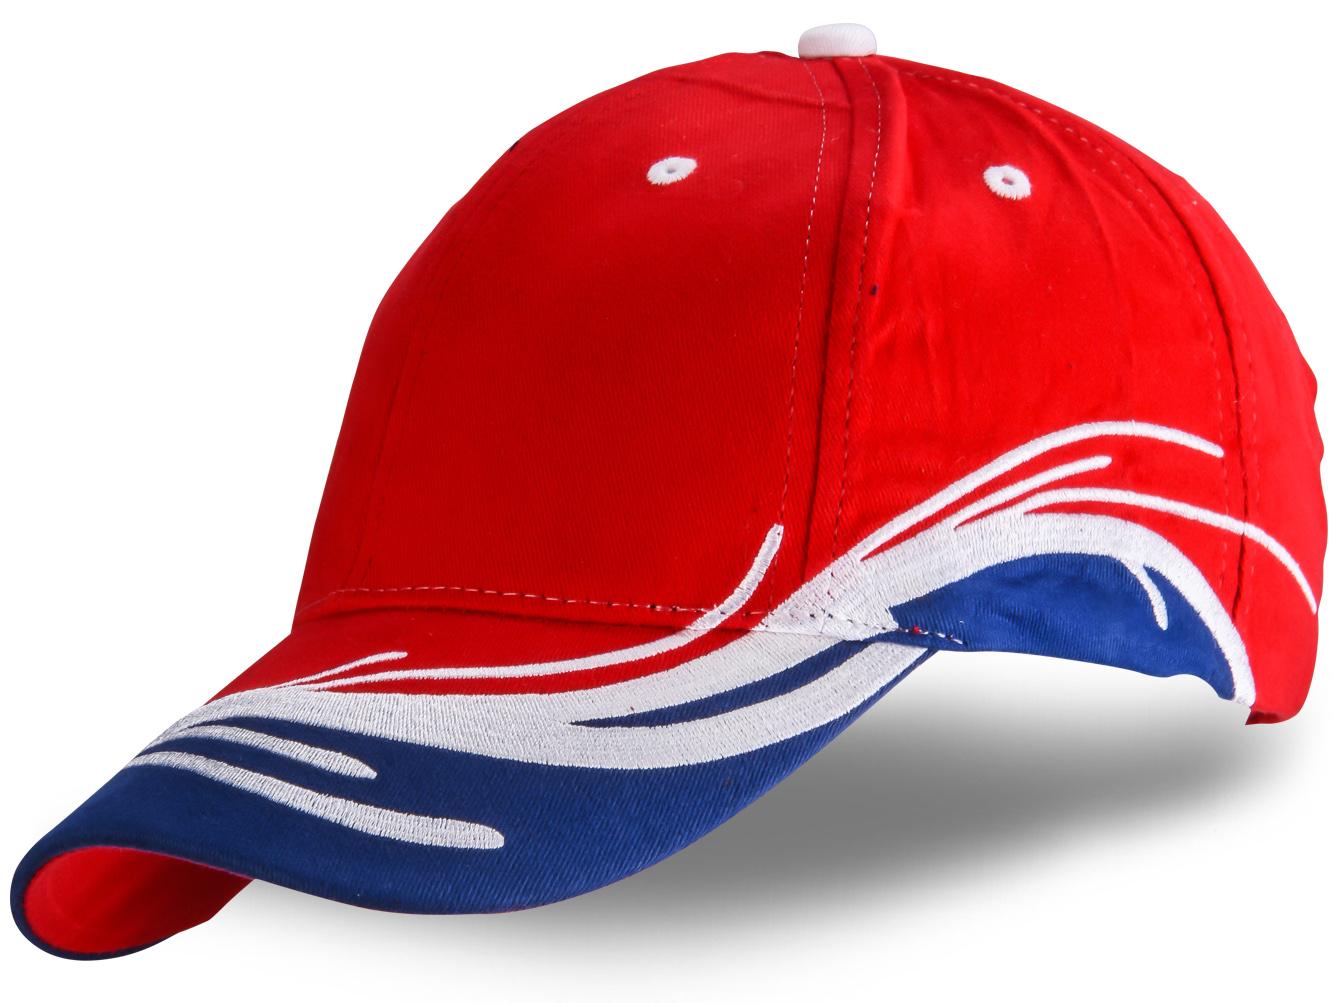 Кепка красно-сине-белая - купить в интернет-магазине с доставкой